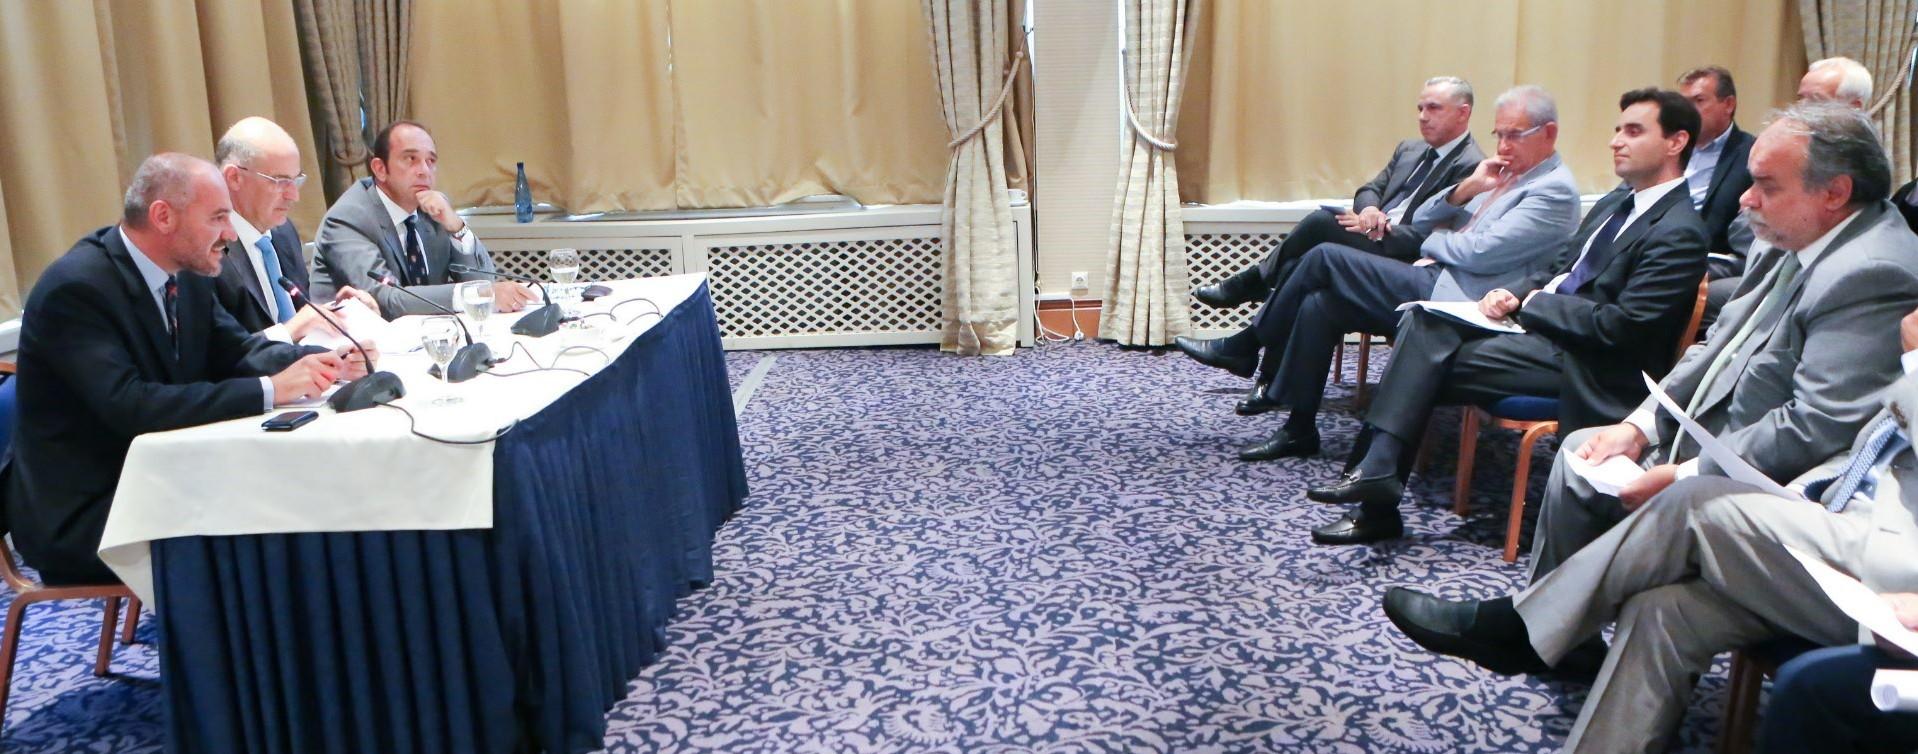 Η Κυβέρνηση έχει αποκοπεί απ΄ την πραγματική οικονομία: σε αδιέξοδο η περιφερειακή βιομηχανία - Δήλωση του Προέδρου του ΣΒΒΕ μετά τη συνάντηση του με τον Υπουργό Ανάπτυξης κ. Νίκο Δένδια